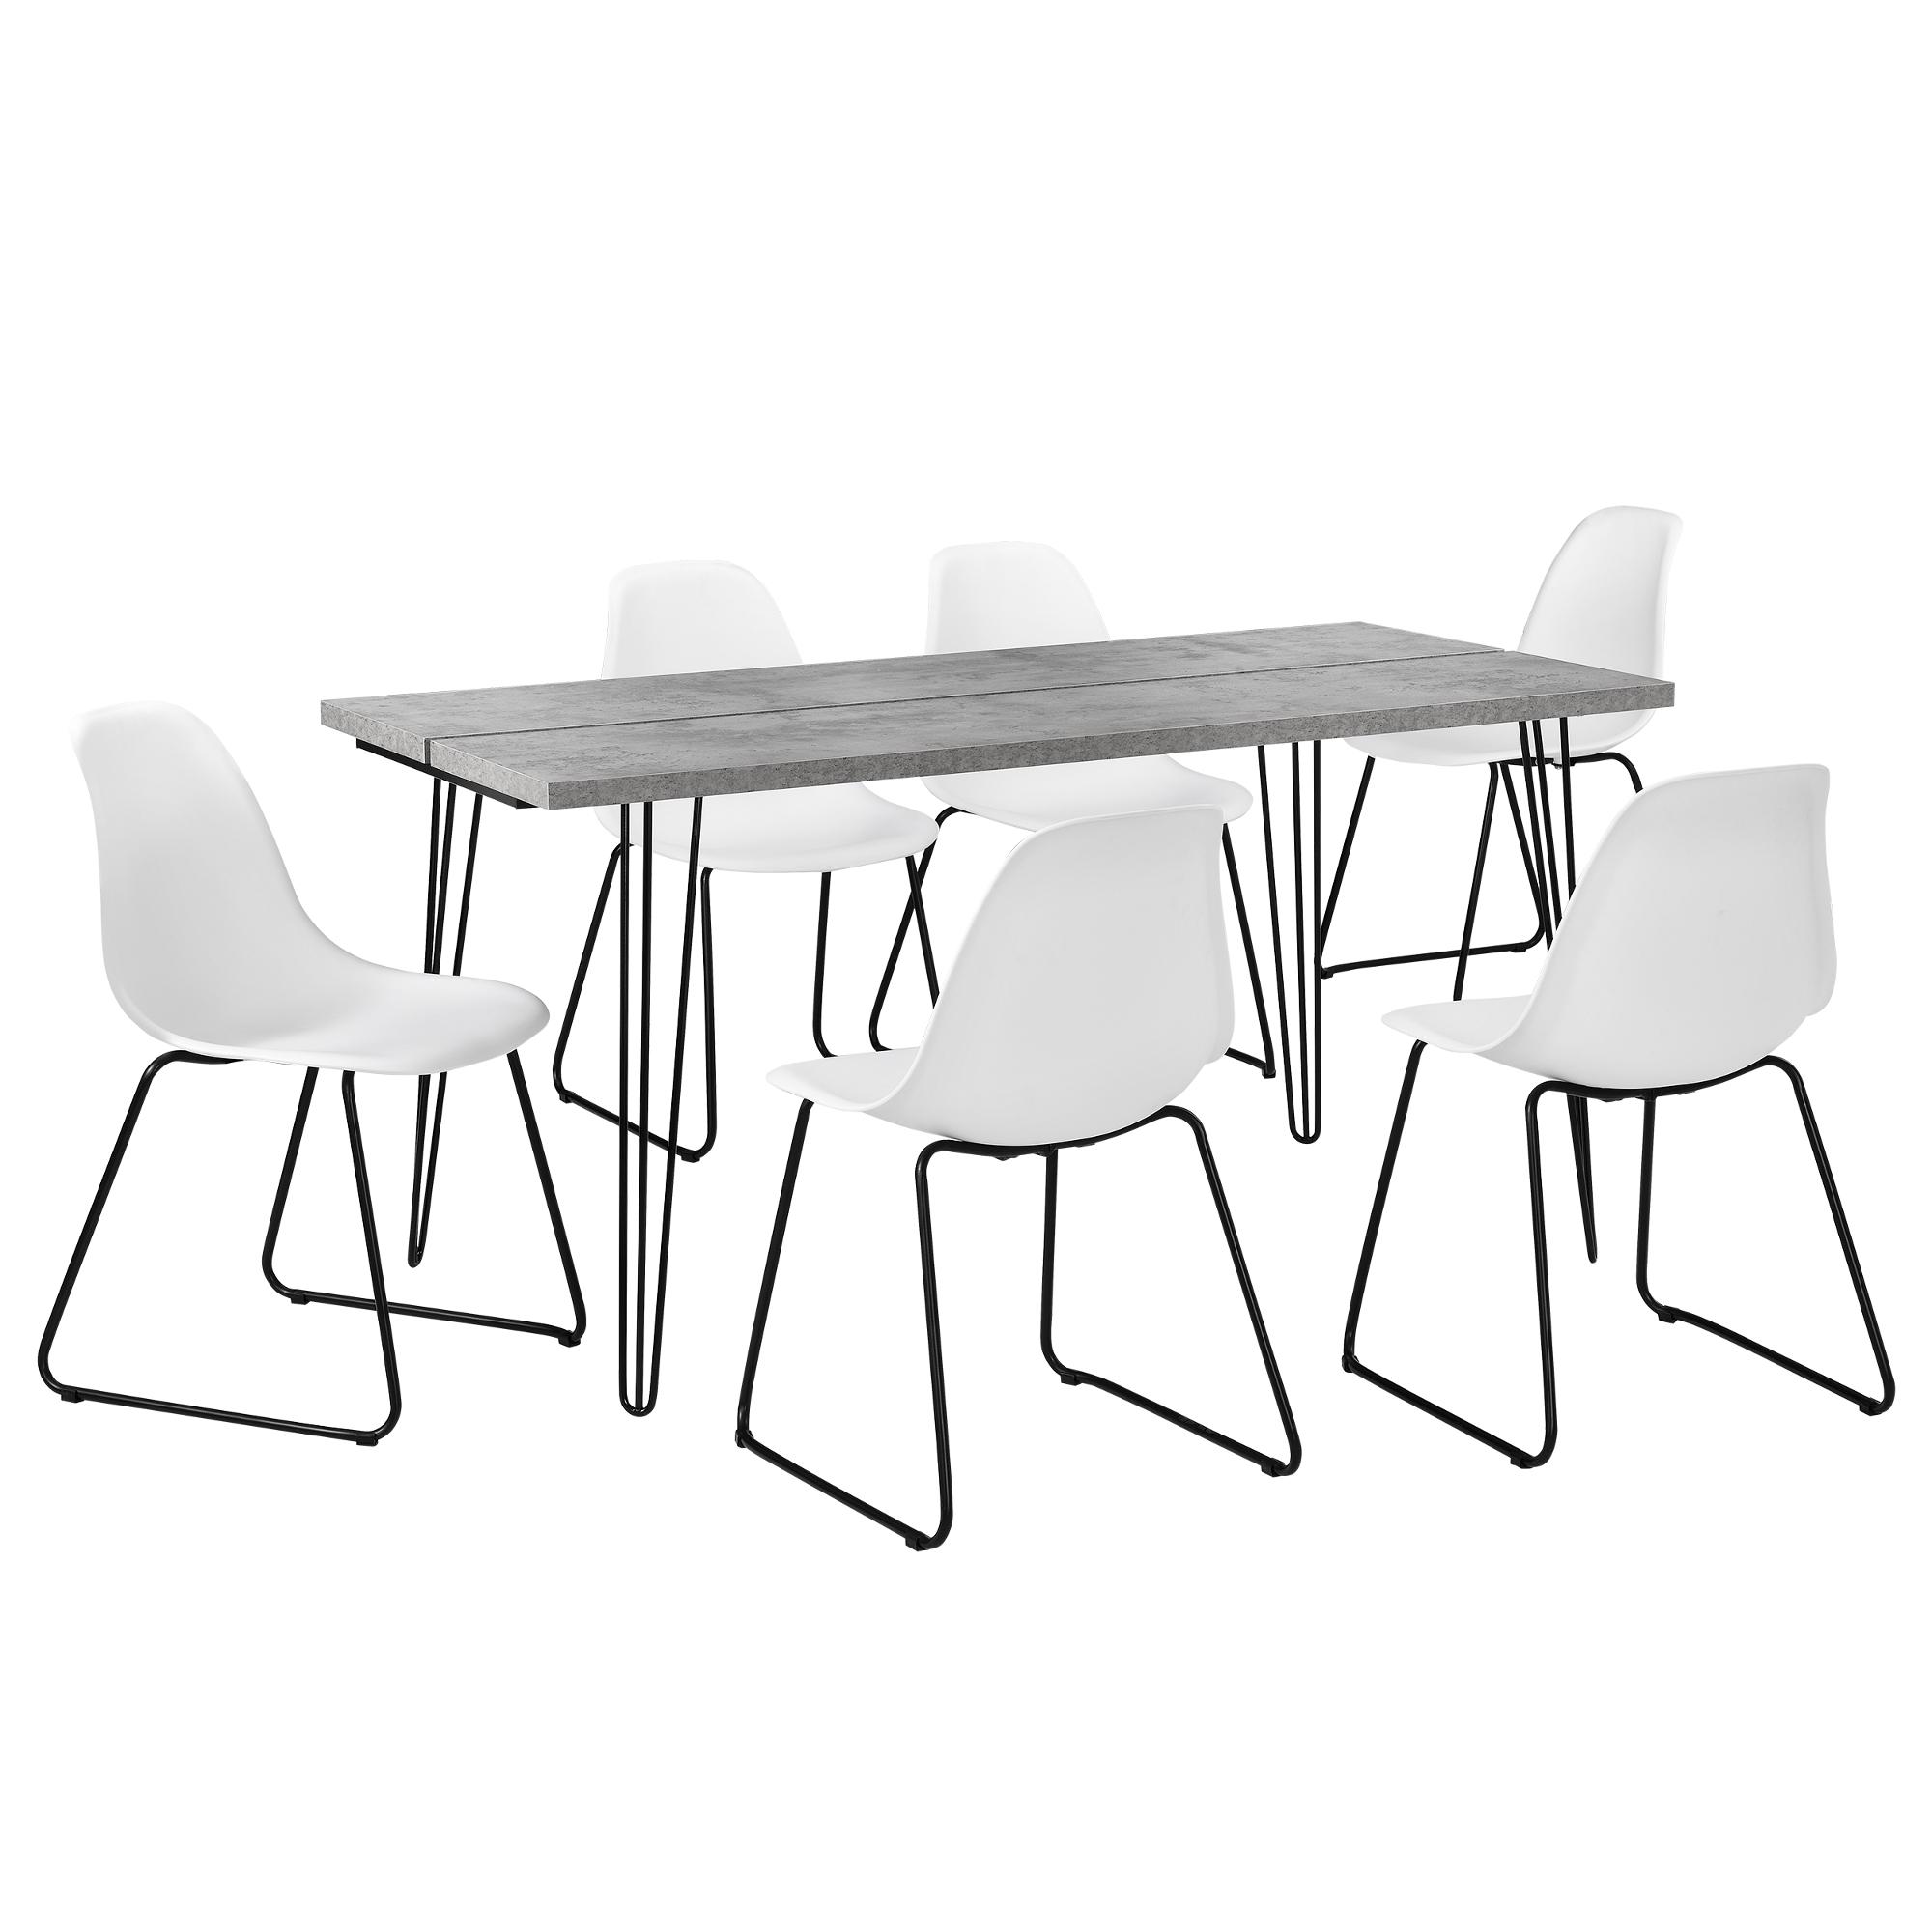 [en.casa]® Jídelní sestava 1 x stůl AANT-0312 + 6 x židle AANE-1201